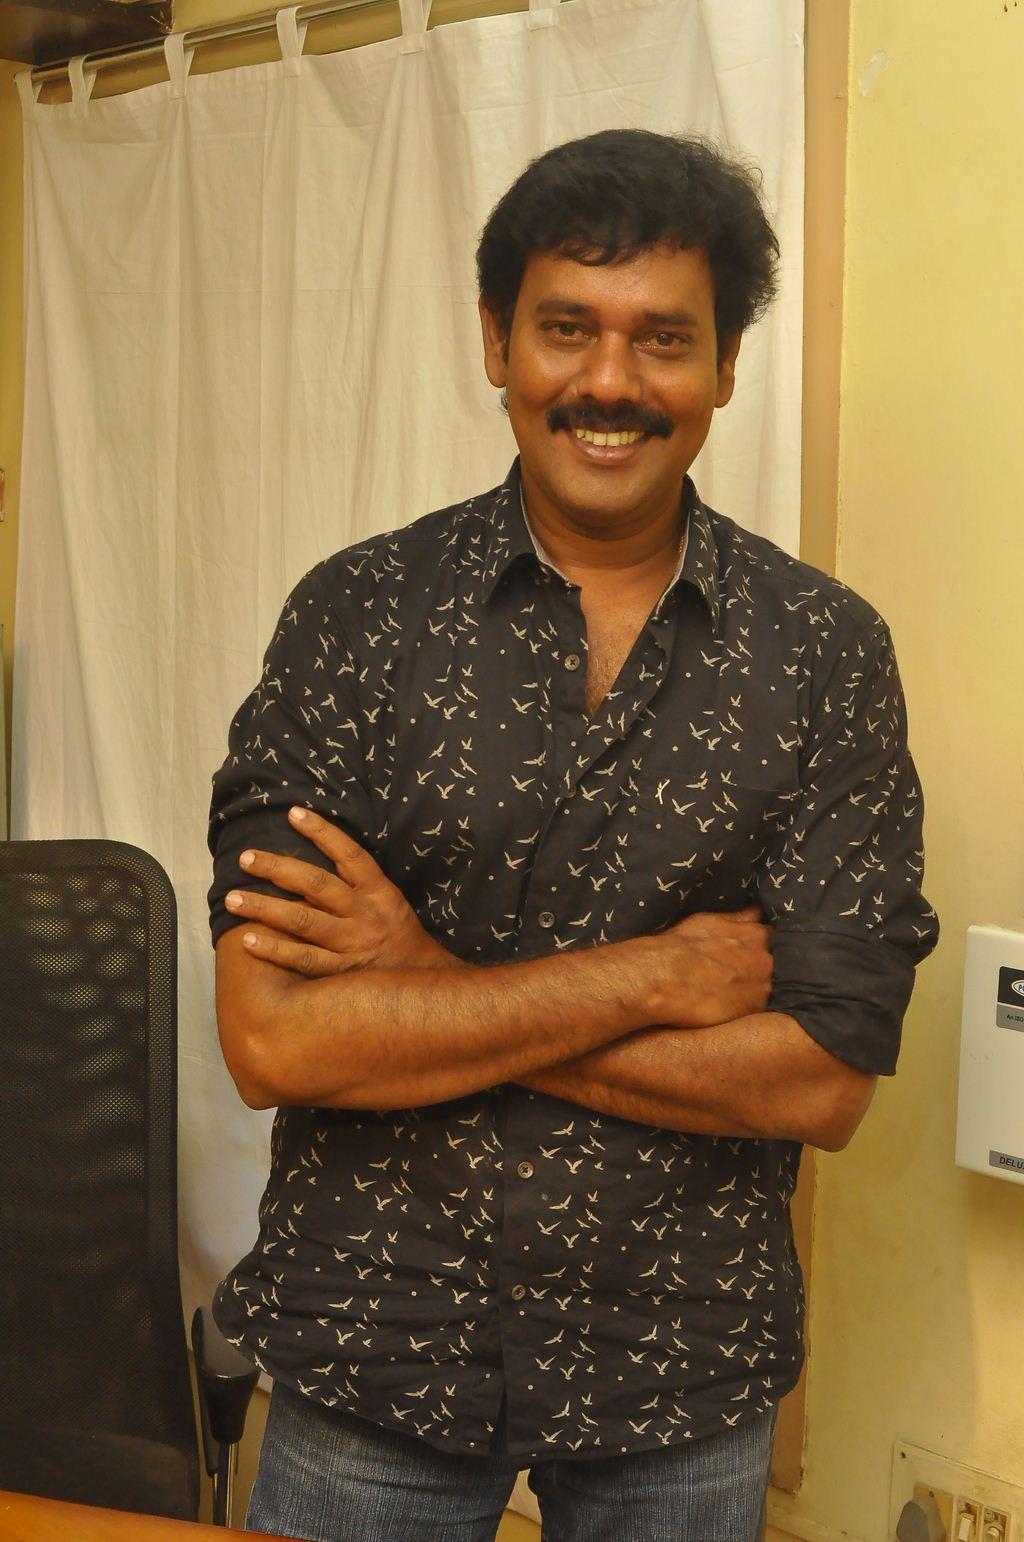 Natarajan Subramanian (Natty)